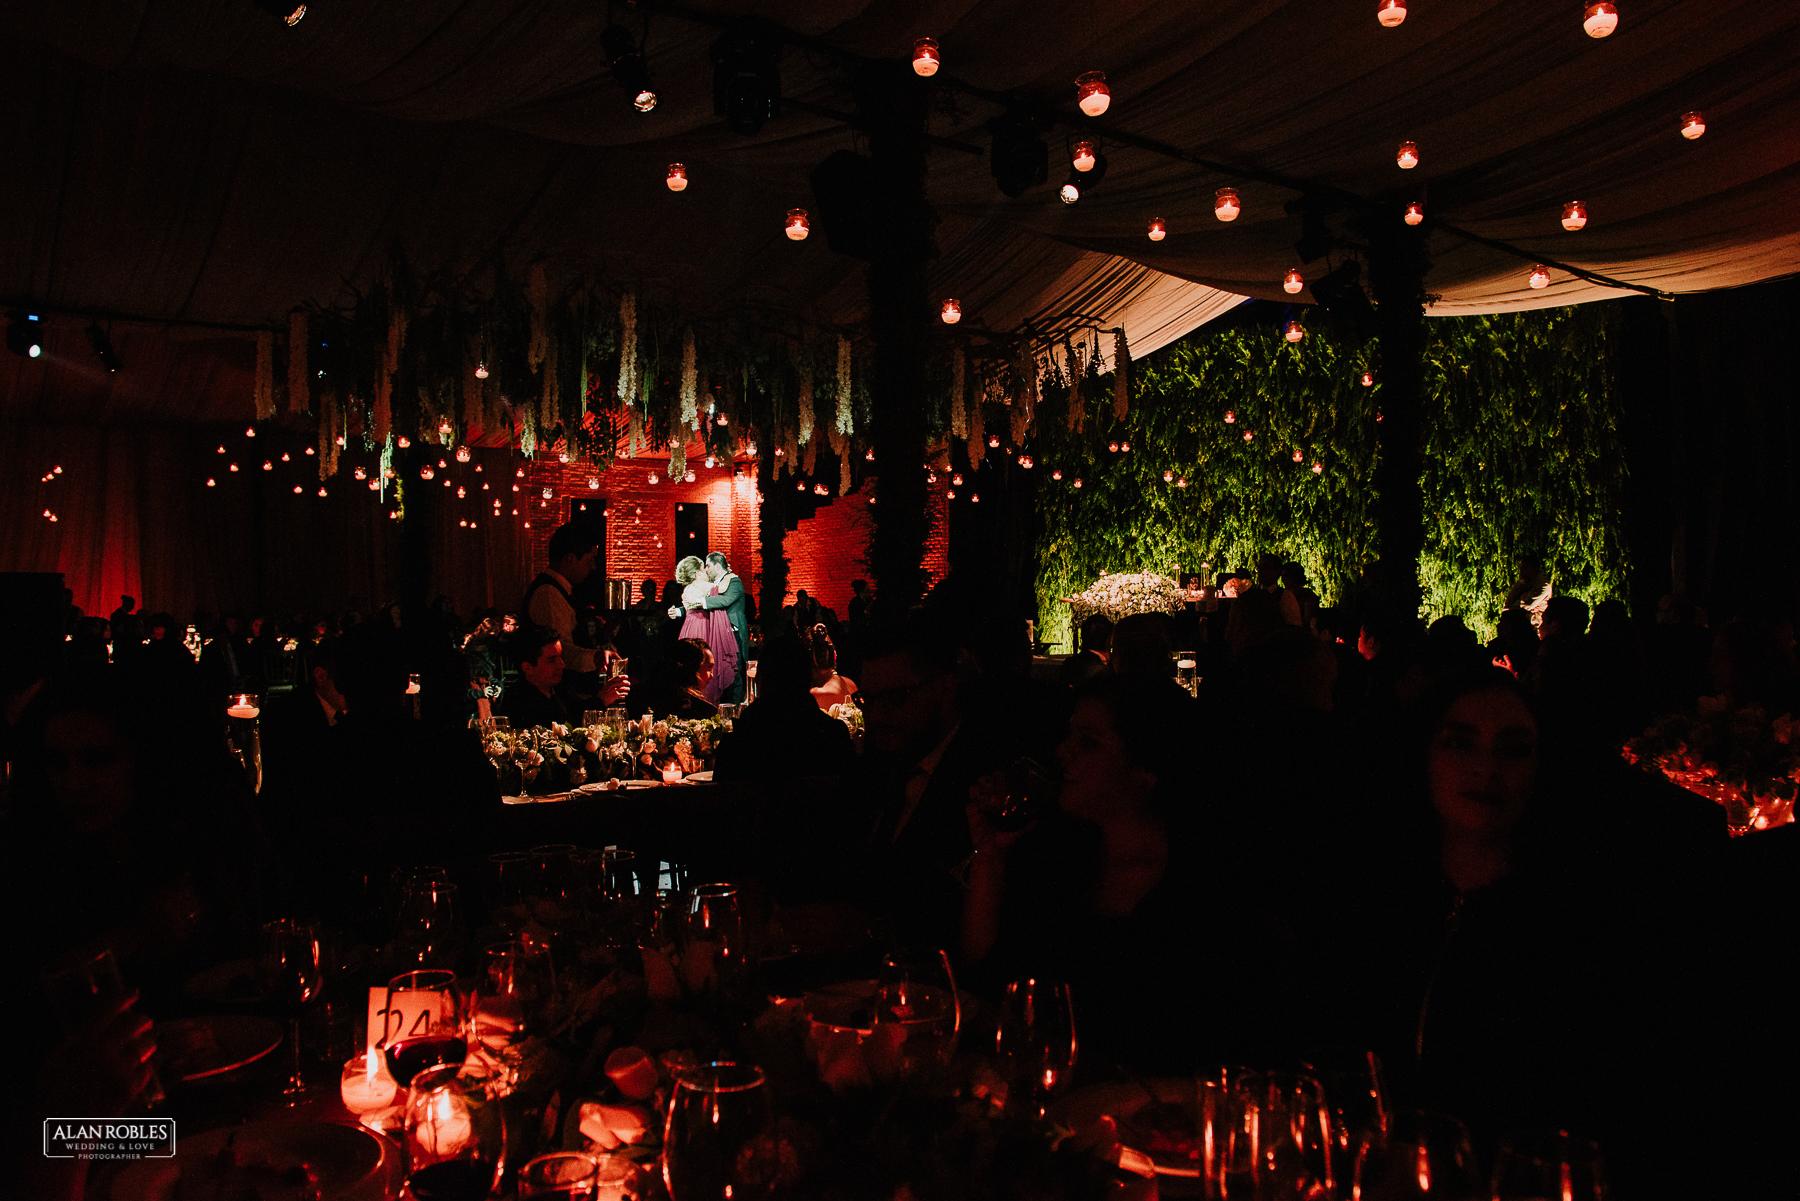 Fotografo de bodas Alan Robles-Casa Clementina Guadalajara DyA-57